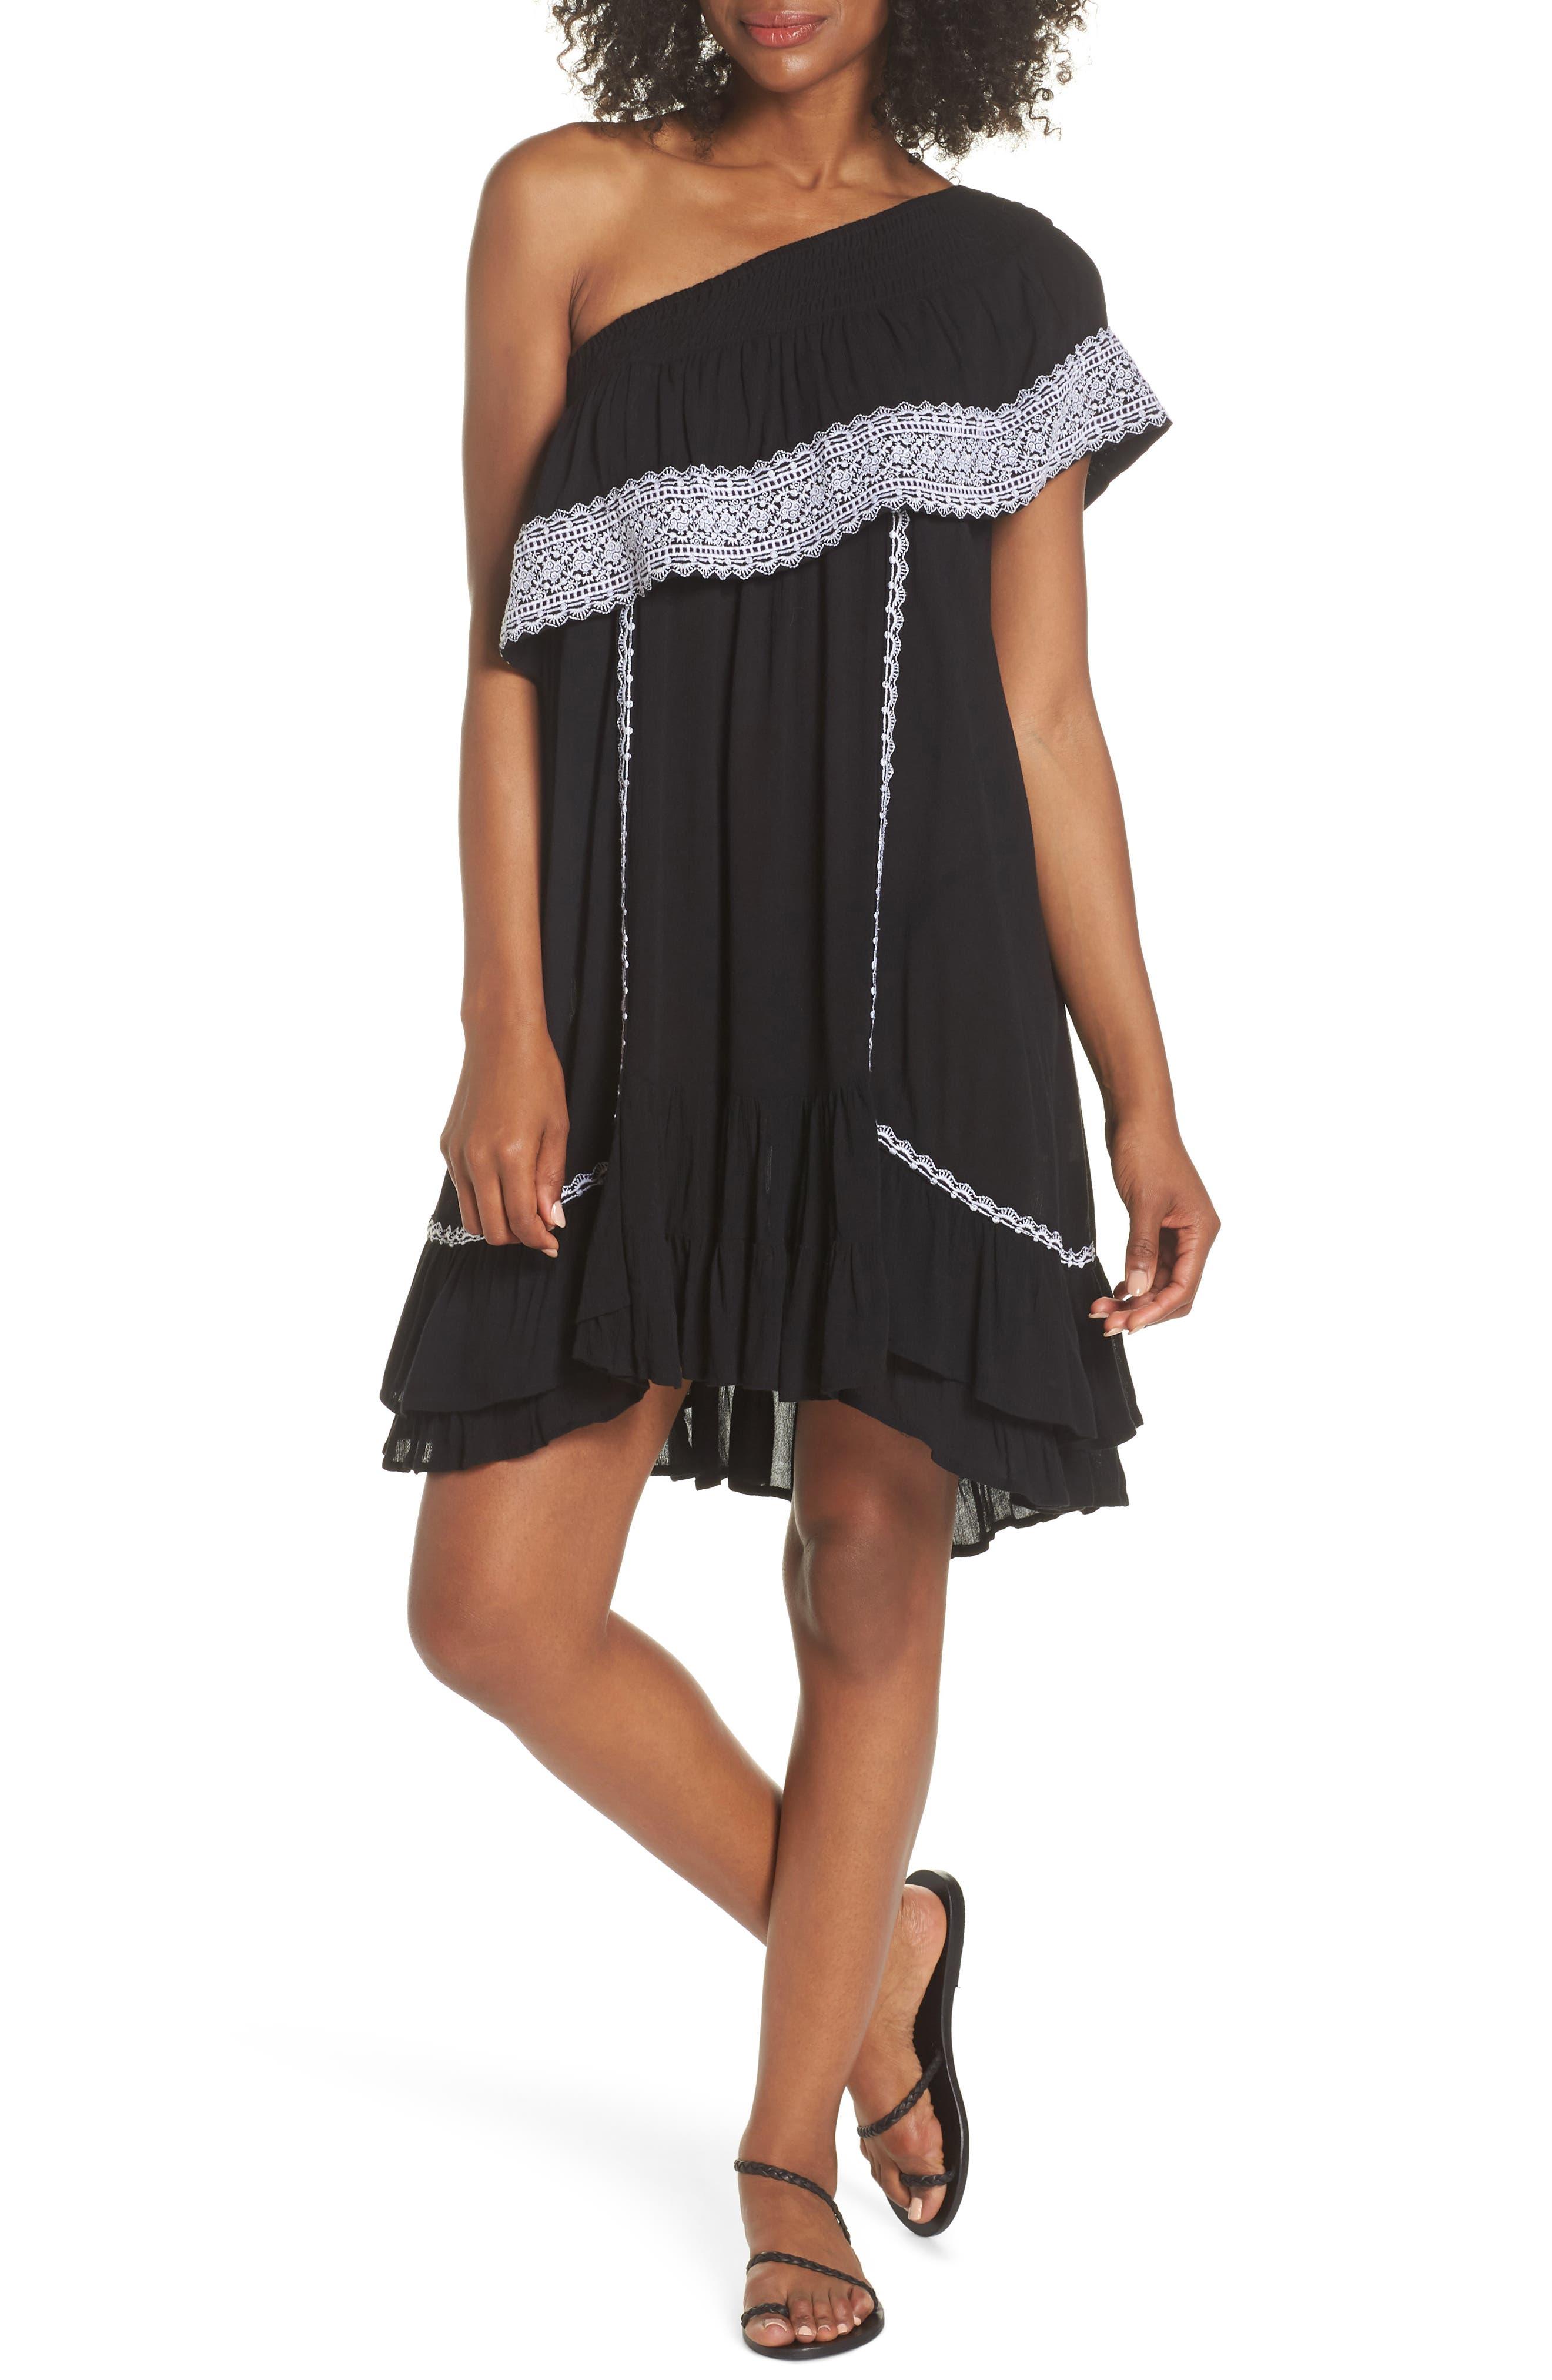 Muche et Muchette Gavin One-Shoulder Cover-Up Dress